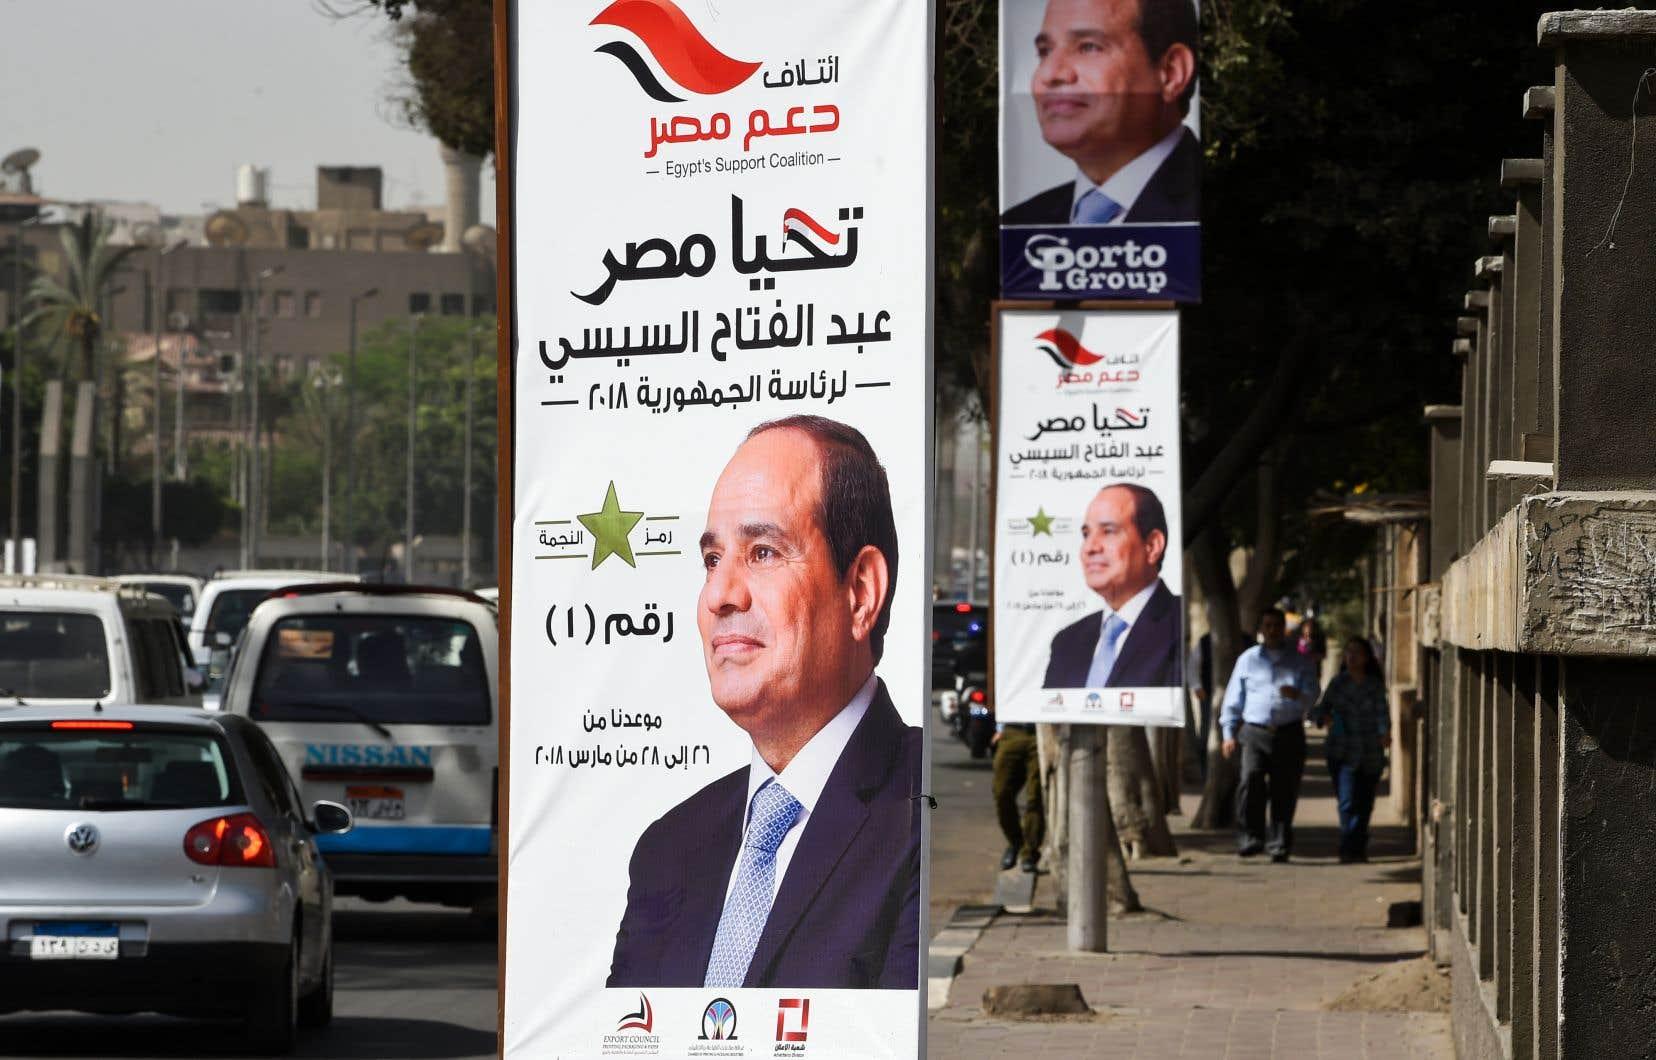 Le président Abdel Fattah al-Sissi sera reconduit sans surprise à la tête de l'Égypte, avec plus de 90% des voix.